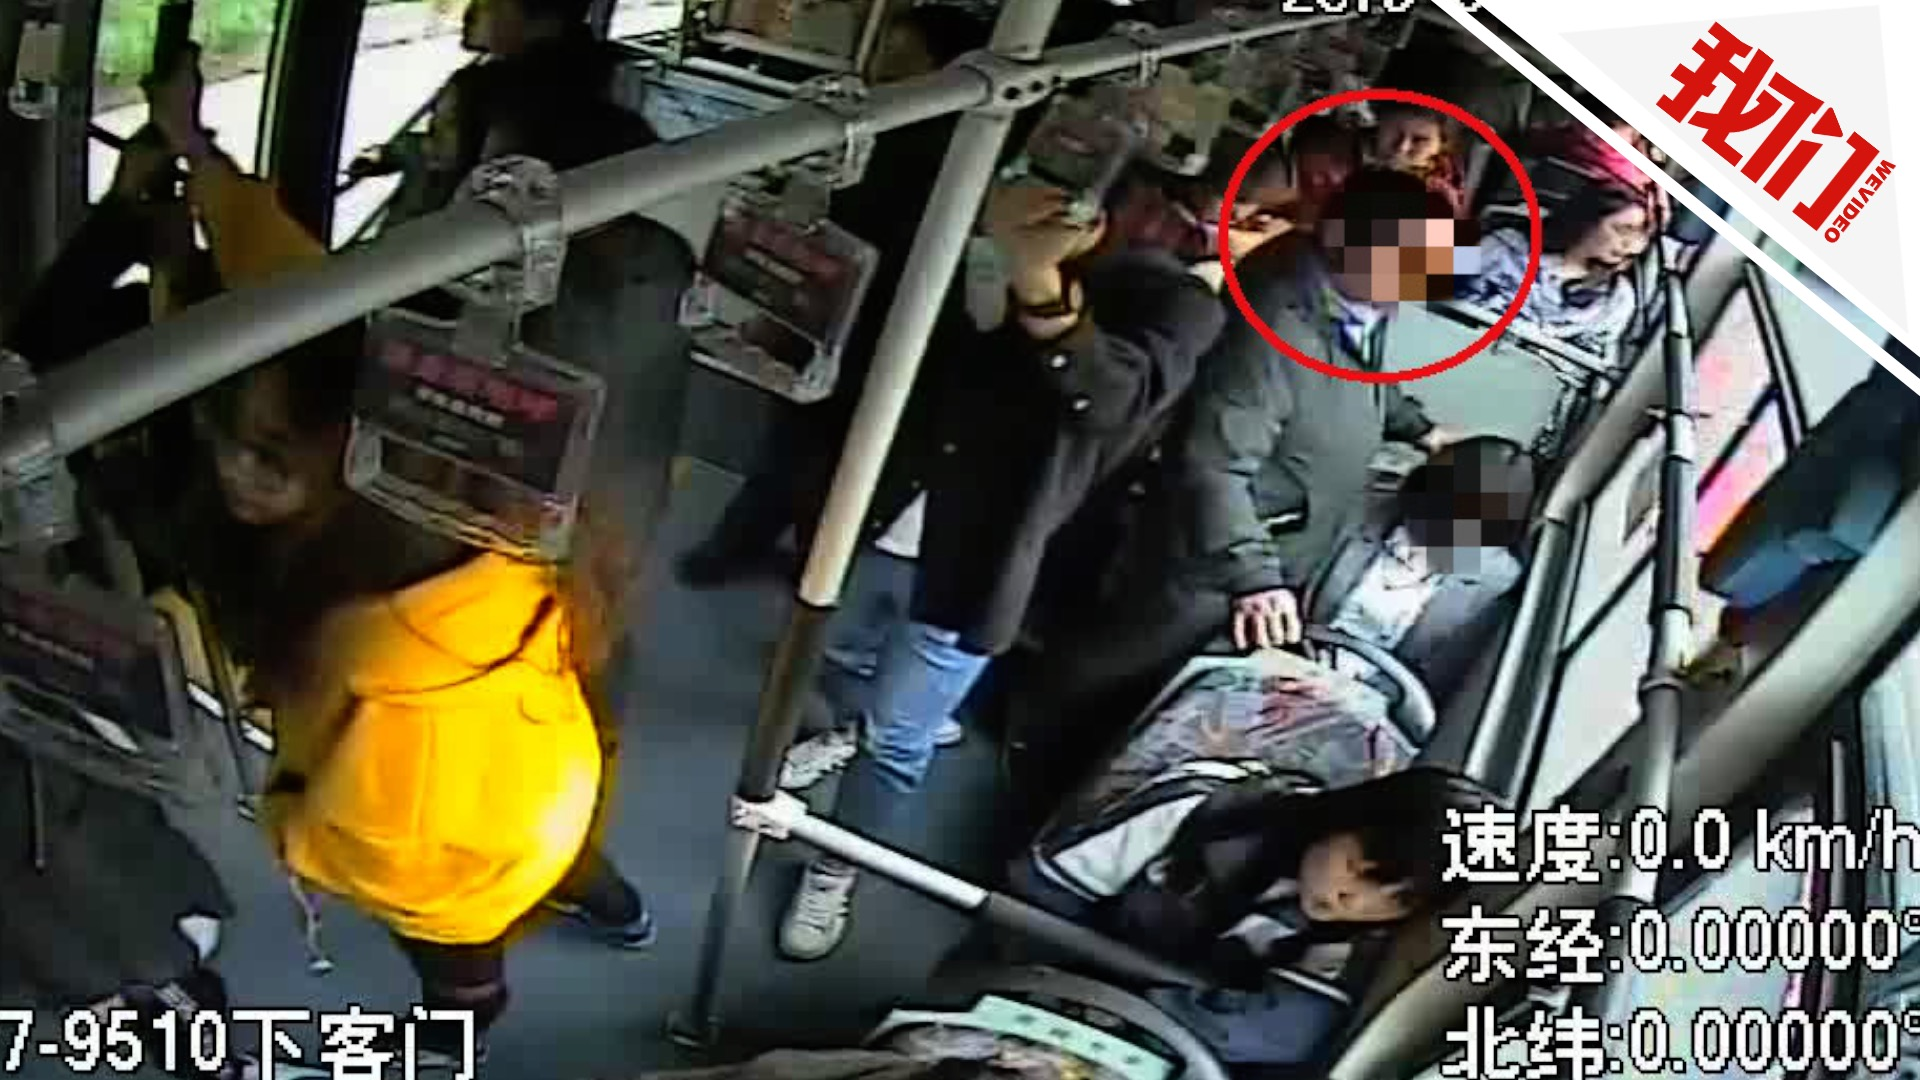 公交车上遇咸女生杭州举动这防狼丝袜大快旧的姑娘猪手图片